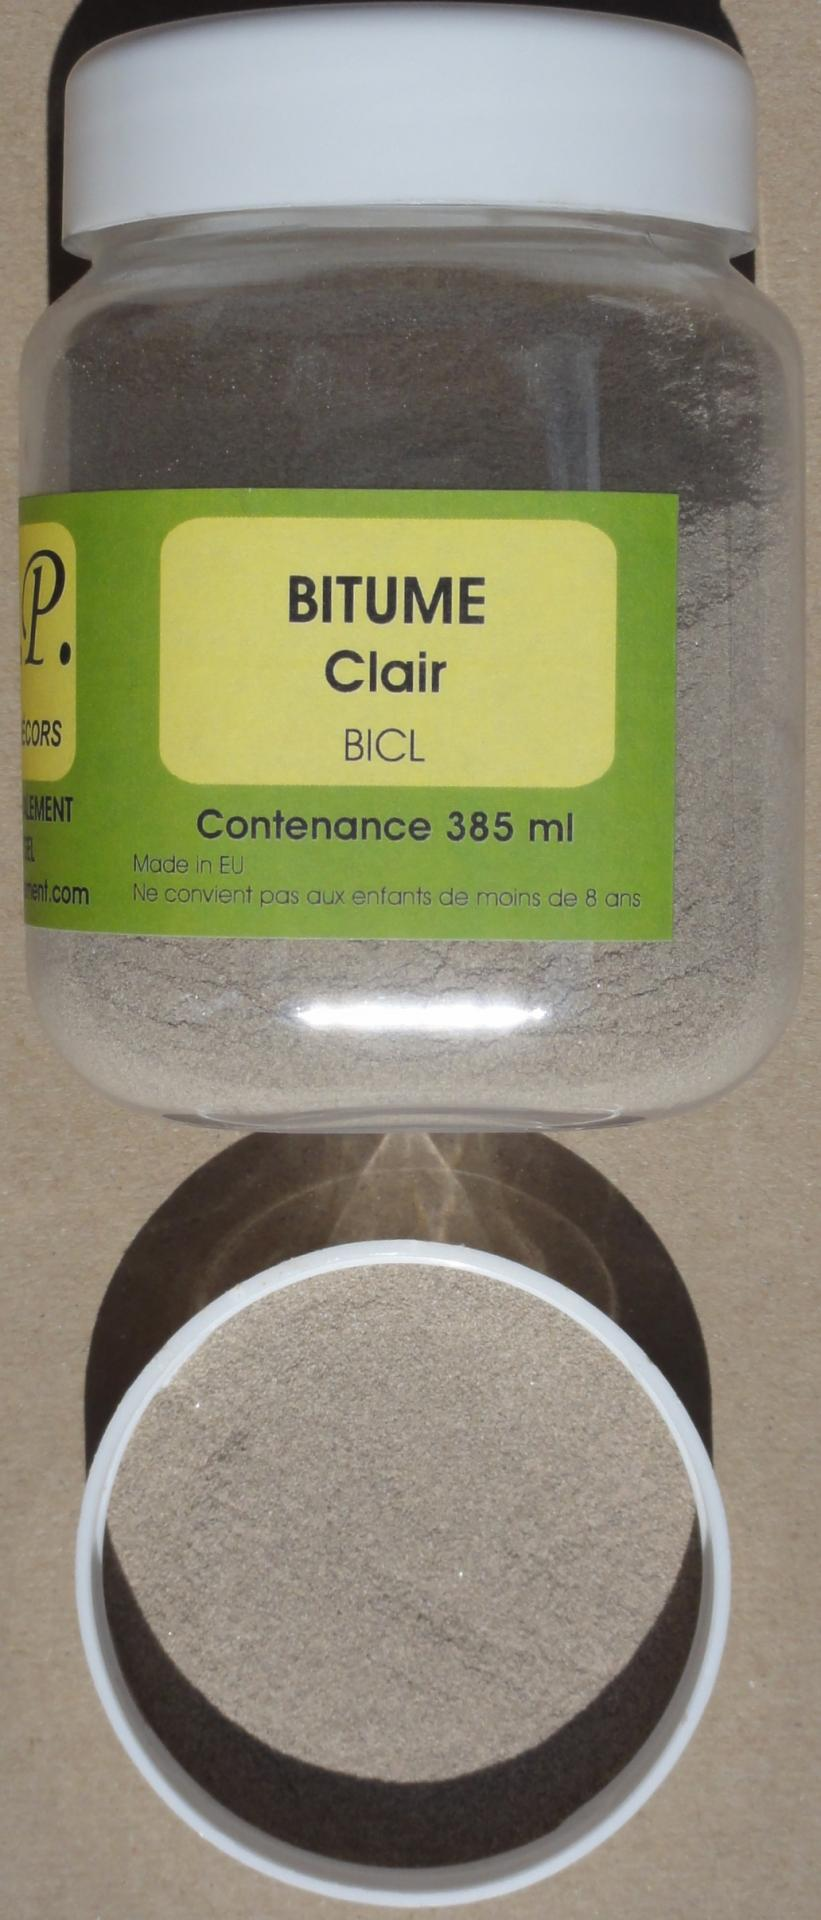 Bitume clair